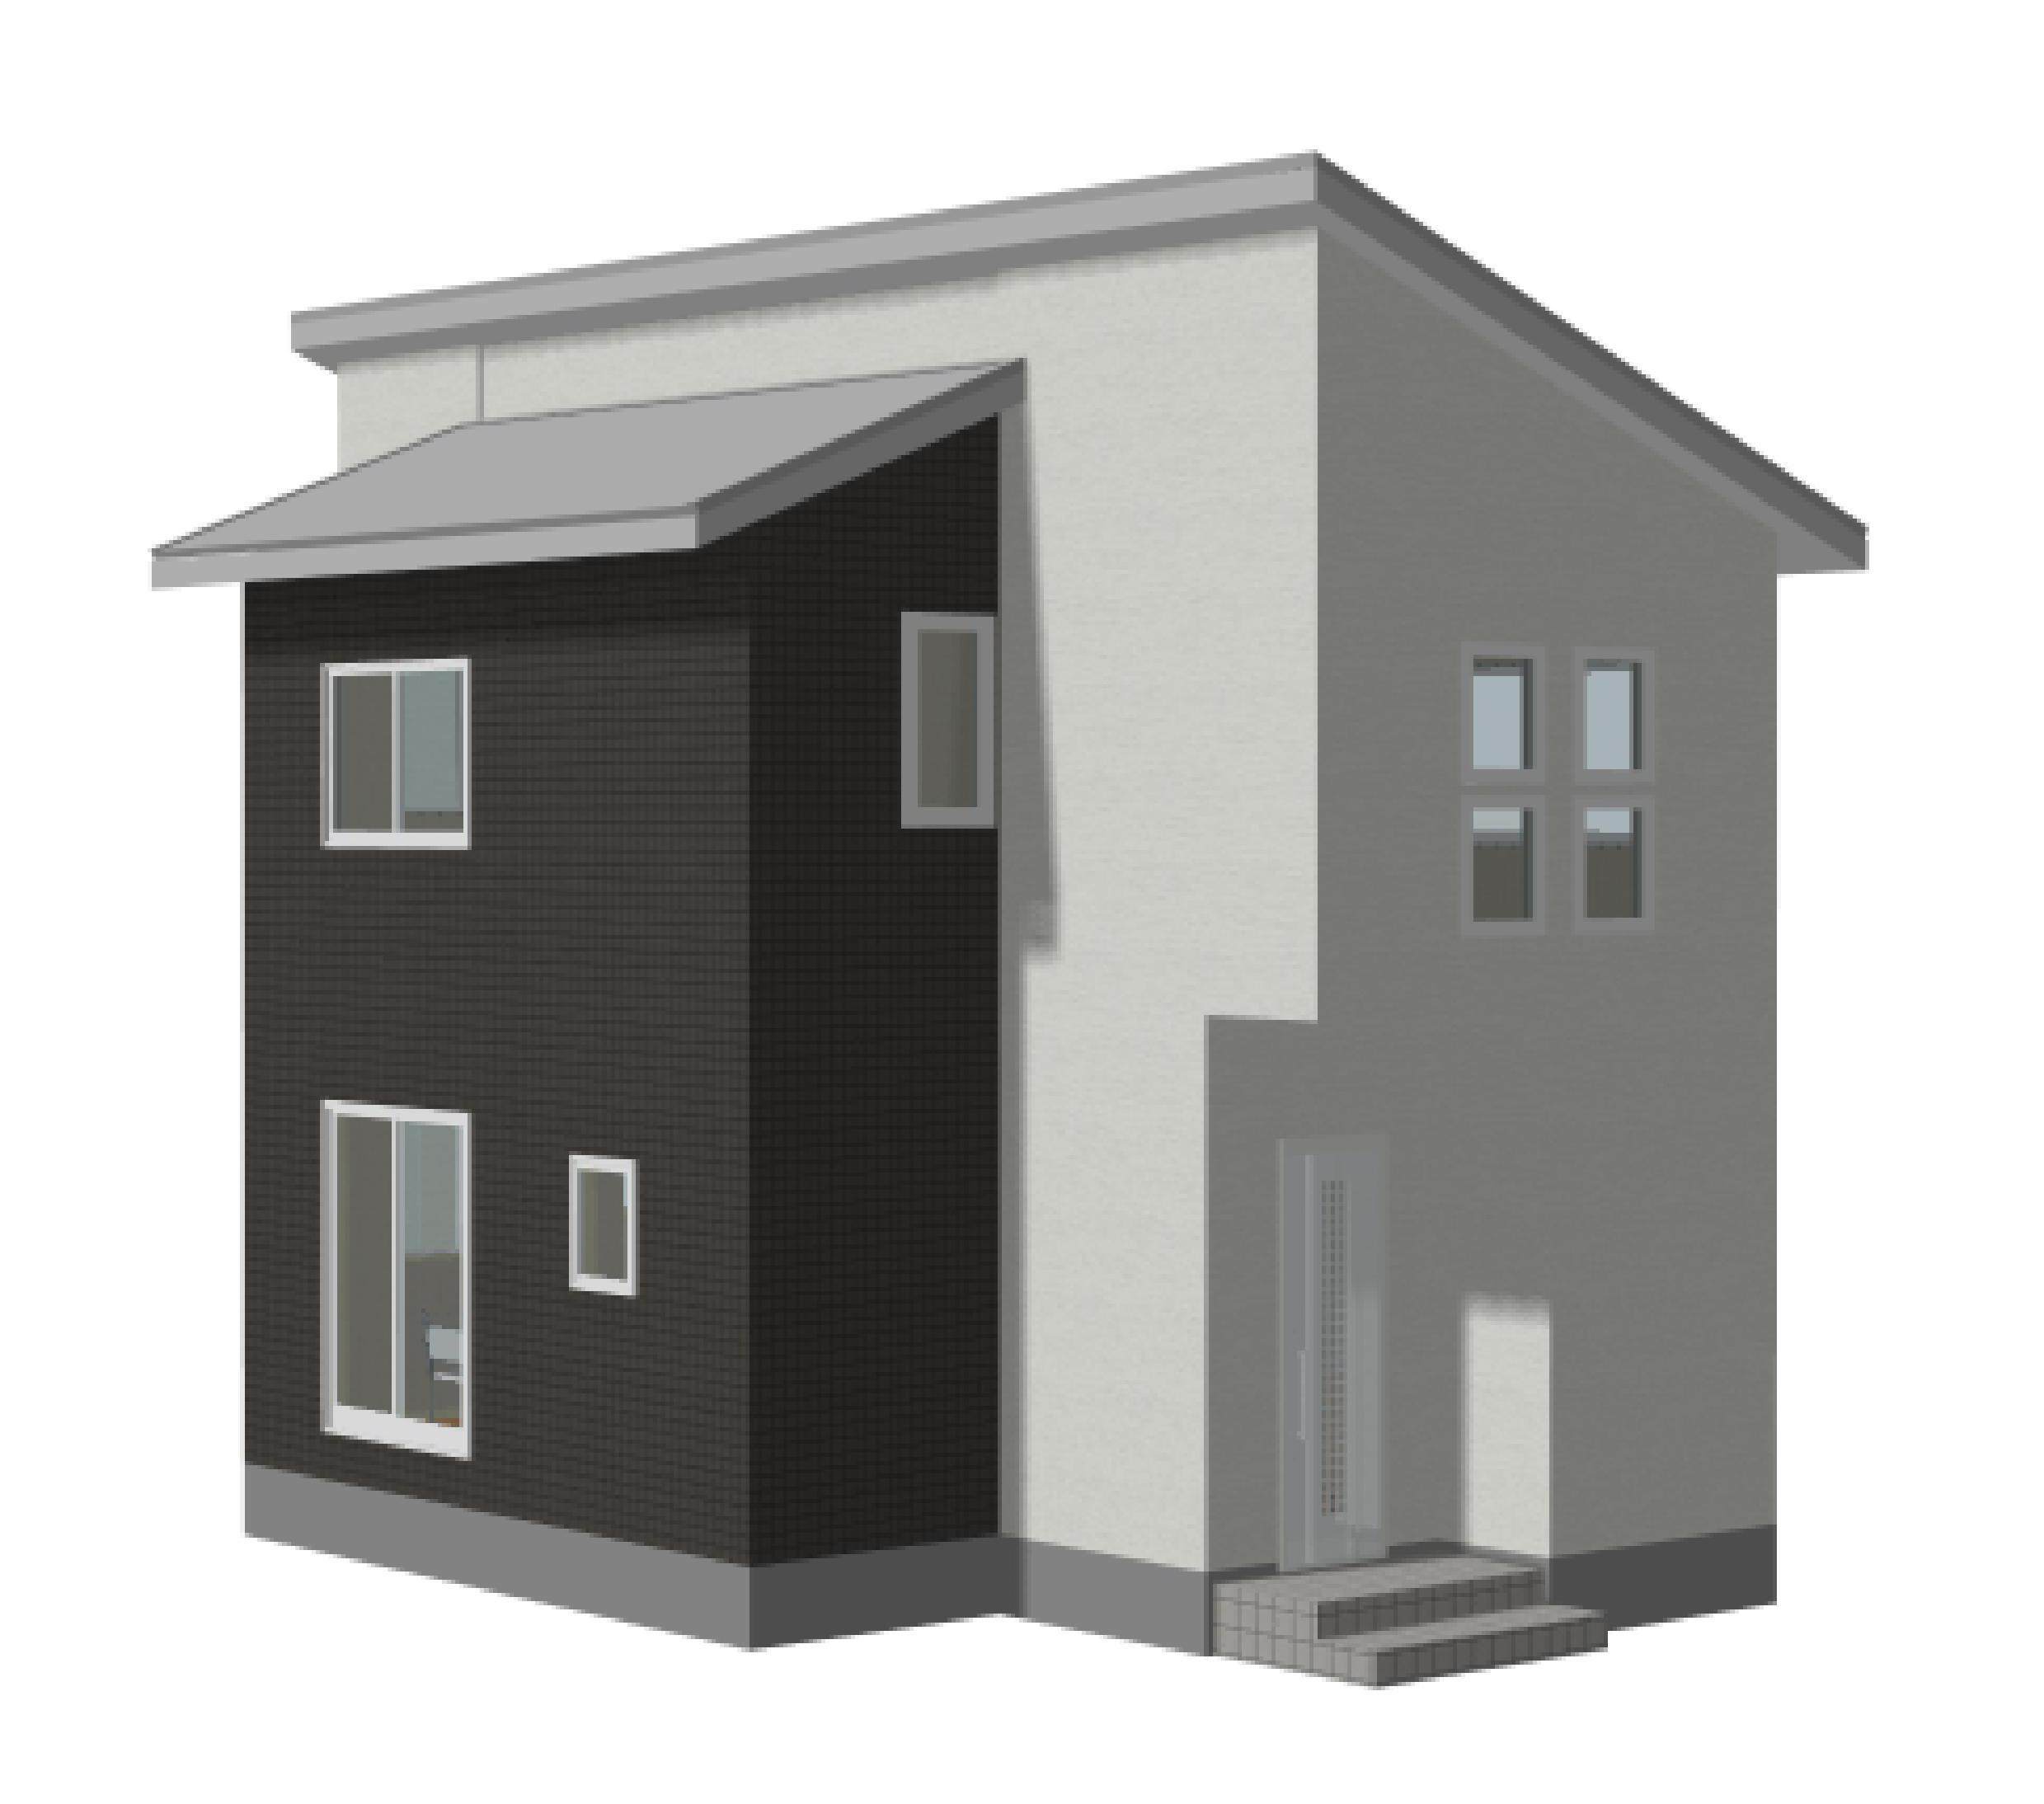 【ご契約済み】【建売住宅】陸前高田市モデルハウスC・アイキャッチ画像